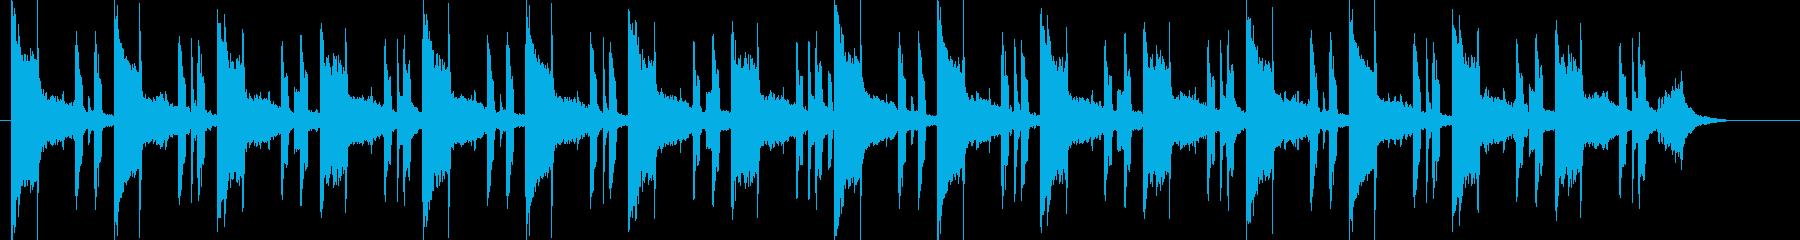 サイケデリックで眠いヒップホップSH版の再生済みの波形